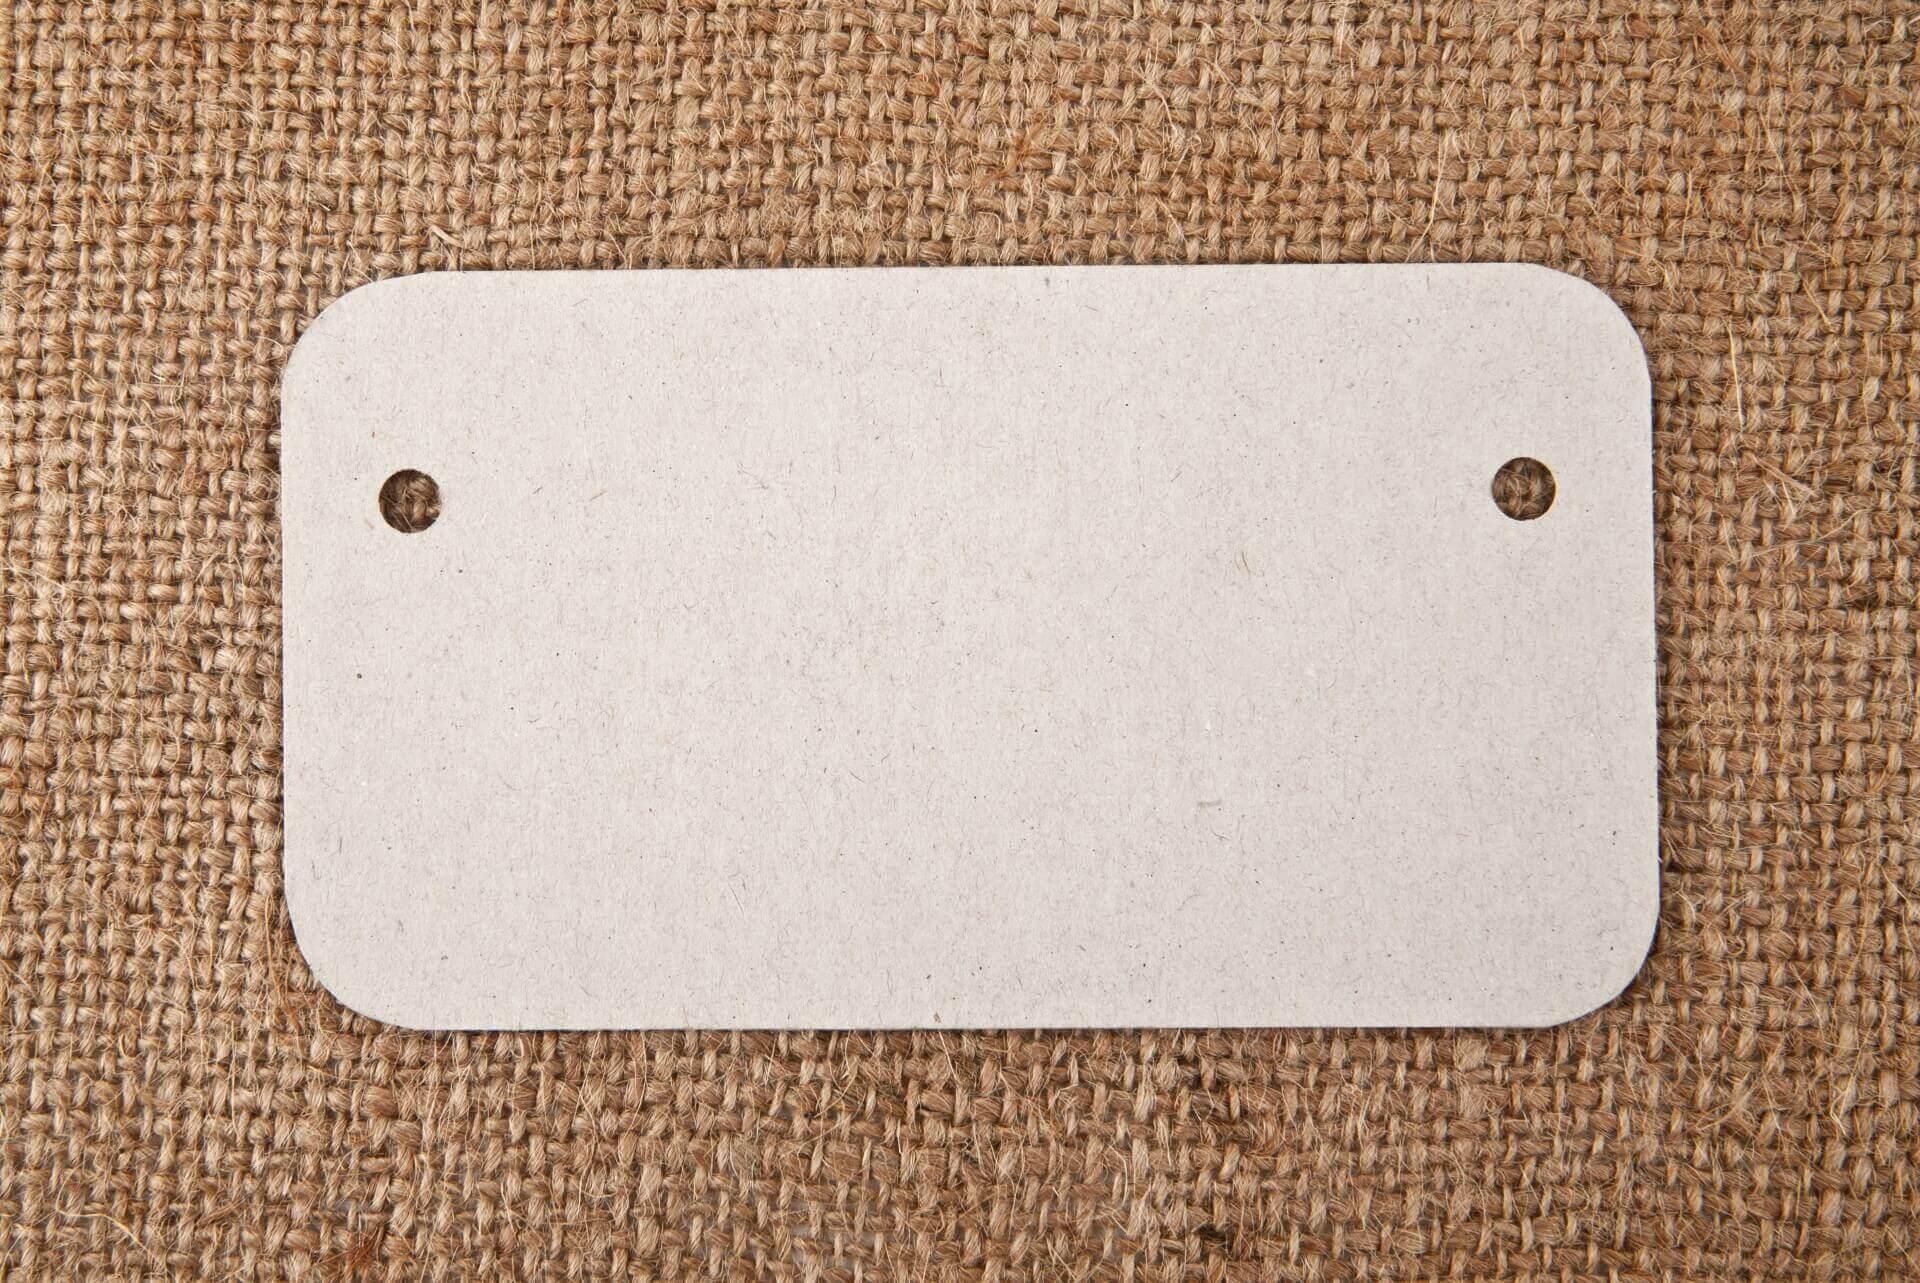 embalagens ecológicas - papel semente